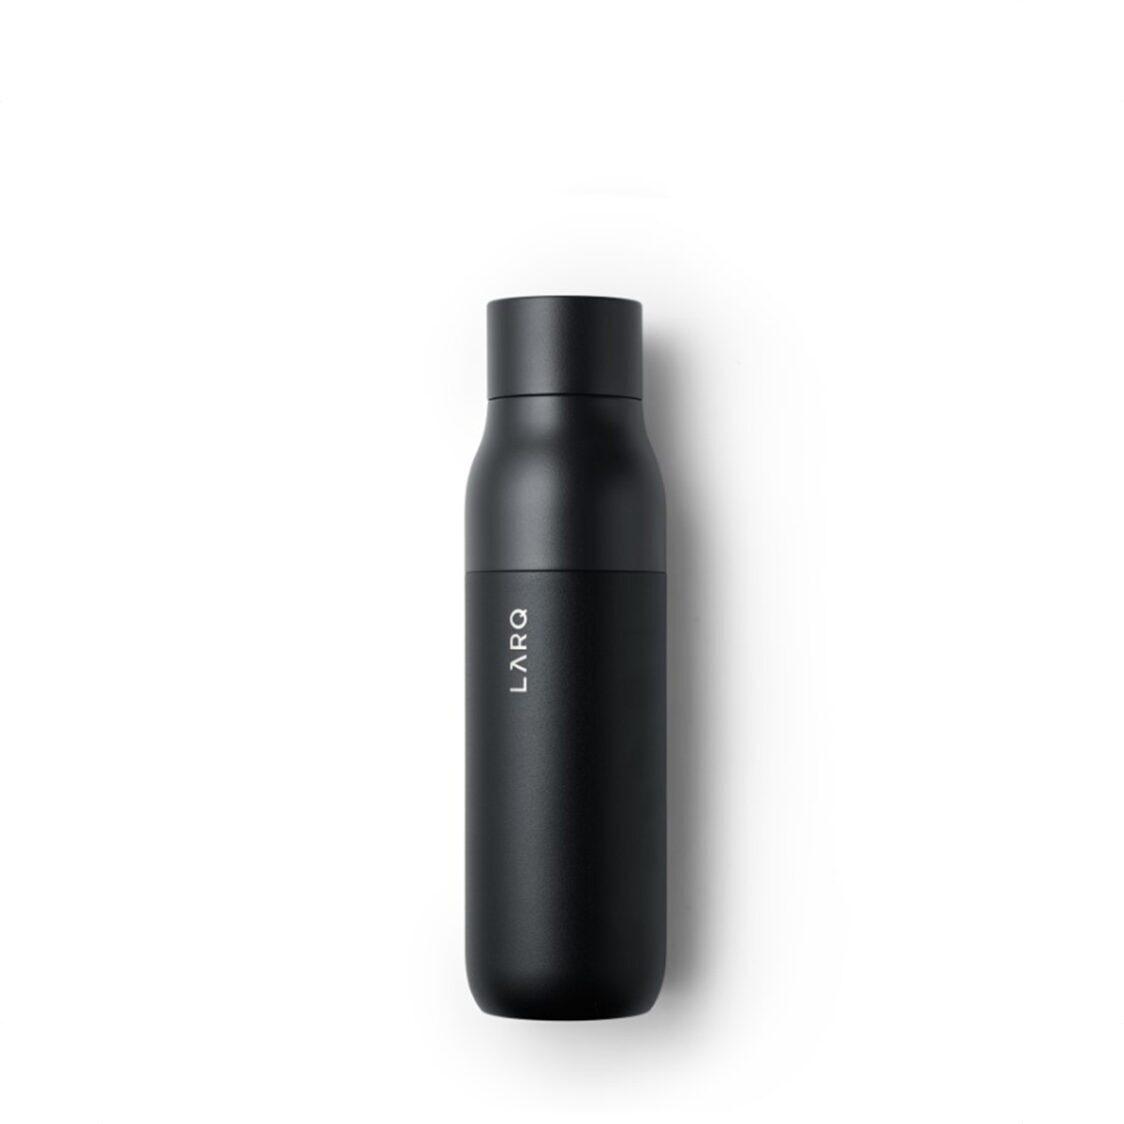 Larq Self-Cleaning Bottle 740ml Obsidian Black